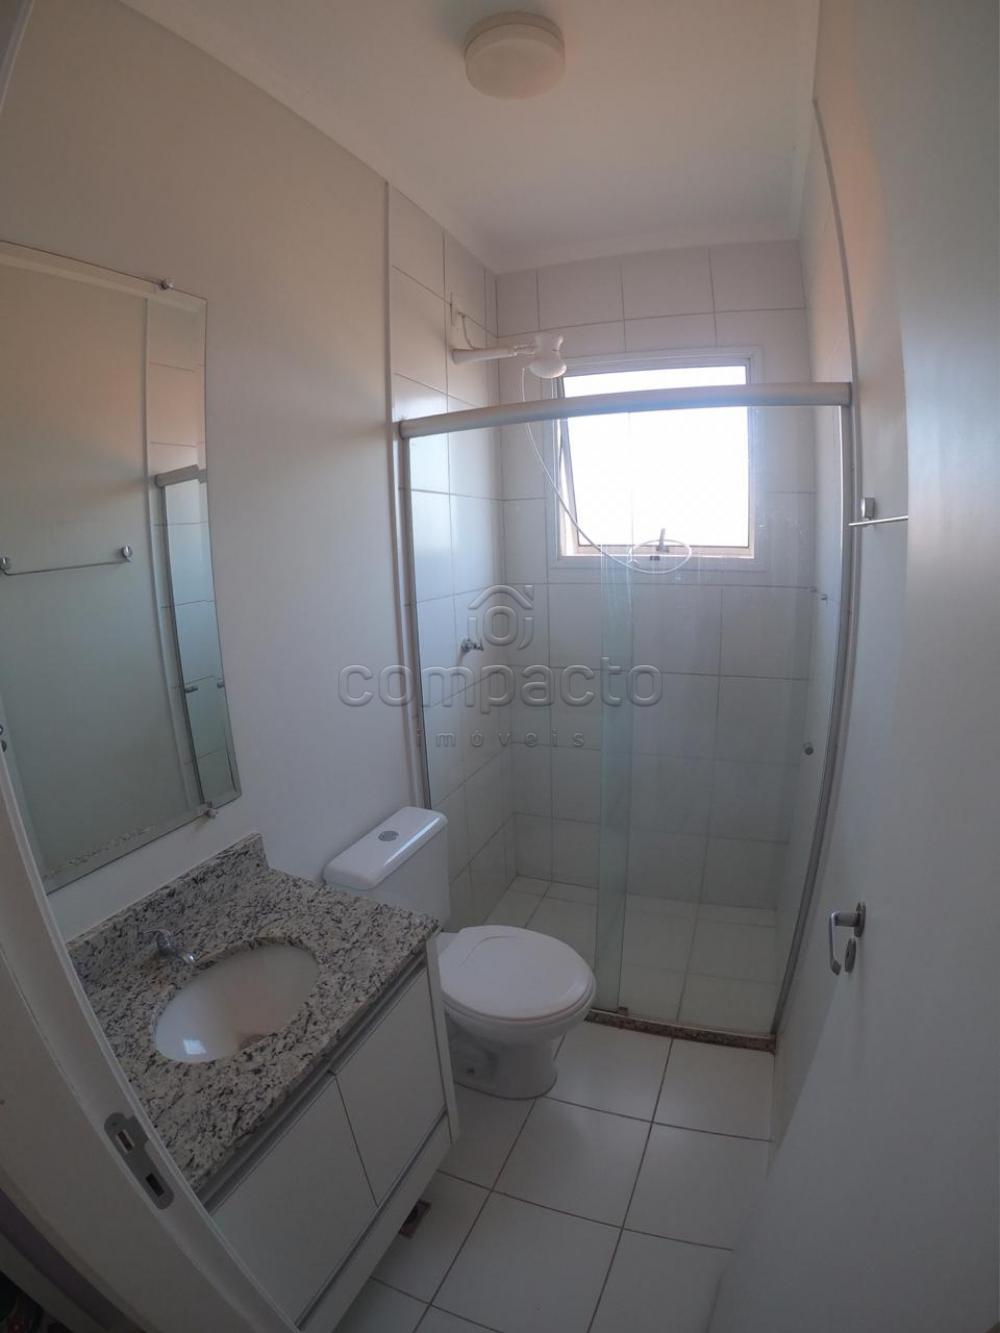 Comprar Casa / Condomínio em São José do Rio Preto apenas R$ 420.000,00 - Foto 17